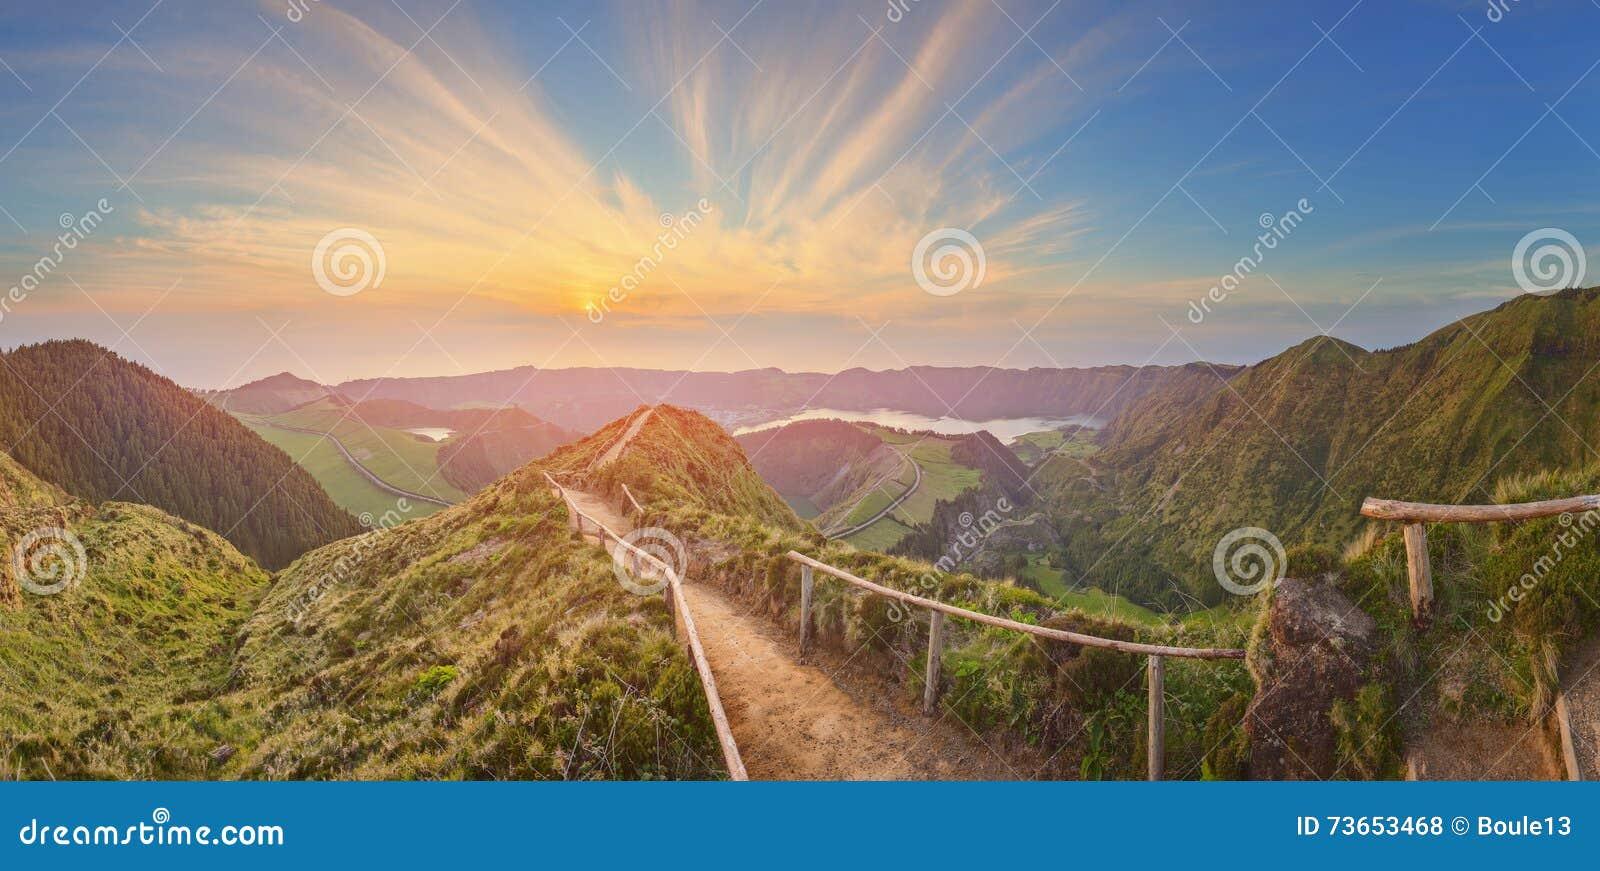 Paisagem da montanha com fuga de caminhada e vista de lagos bonitos, Ponta Delgada, Sao Miguel Island, Açores, Portugal